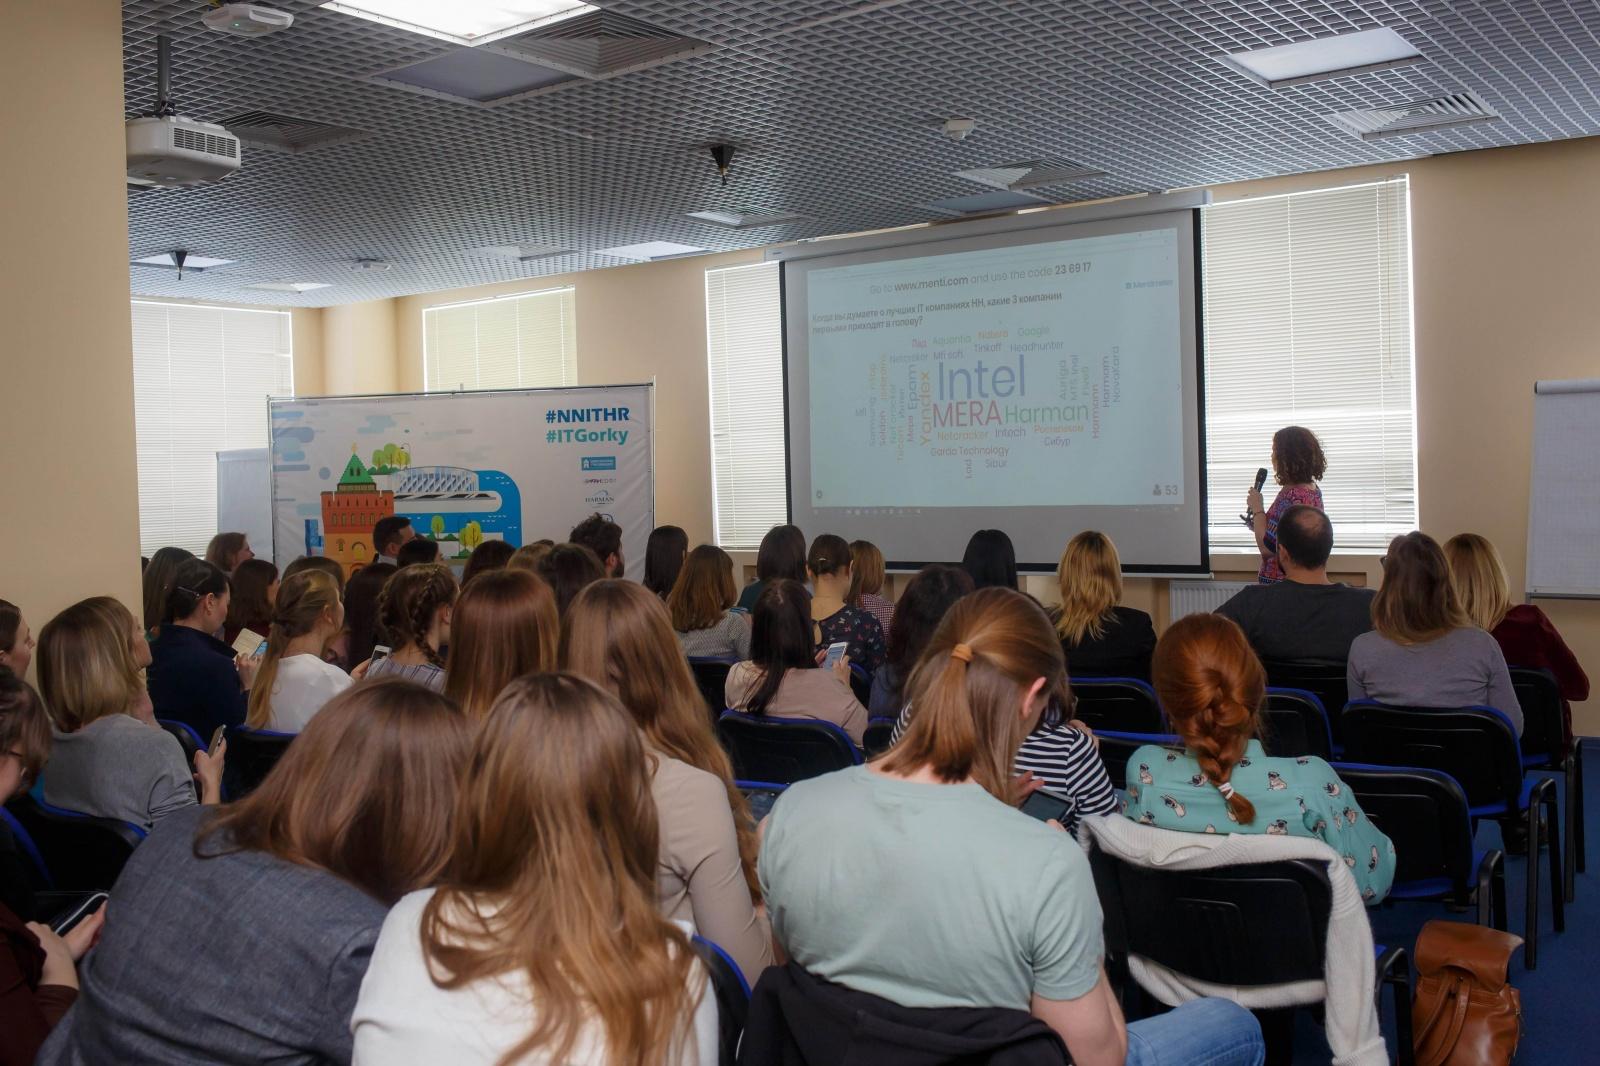 Рейтинг ИТ-работодателей Нижнего Новгорода: исследование предпочтений студентов технических специальностей - 1